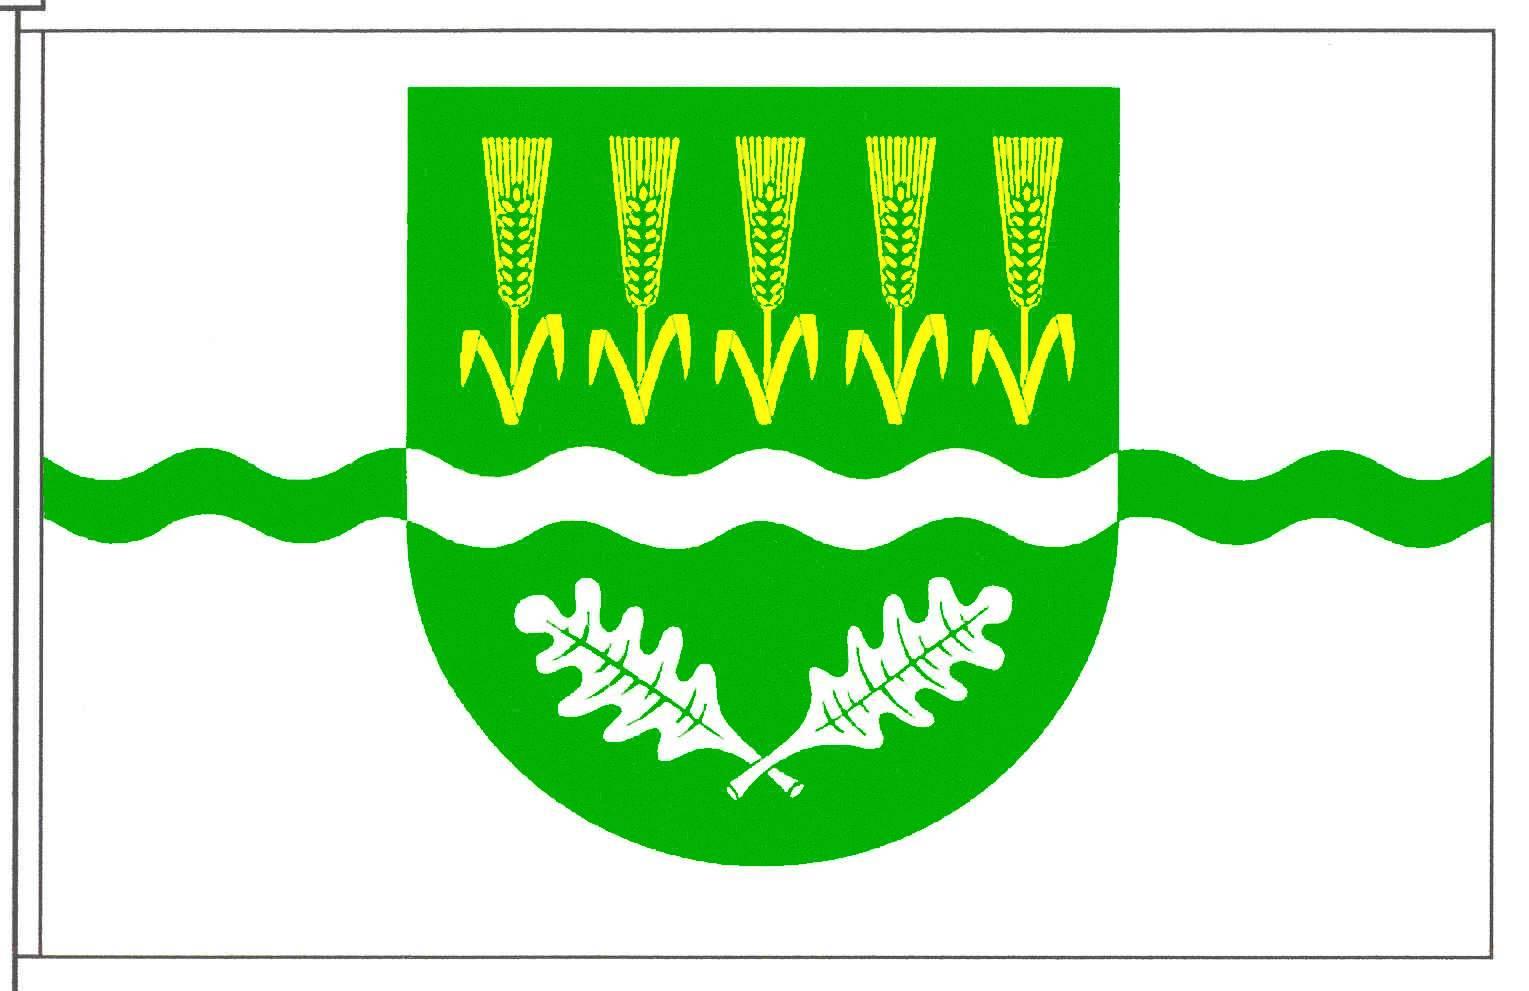 Flagge GemeindeSilberstedt, Kreis Schleswig-Flensburg